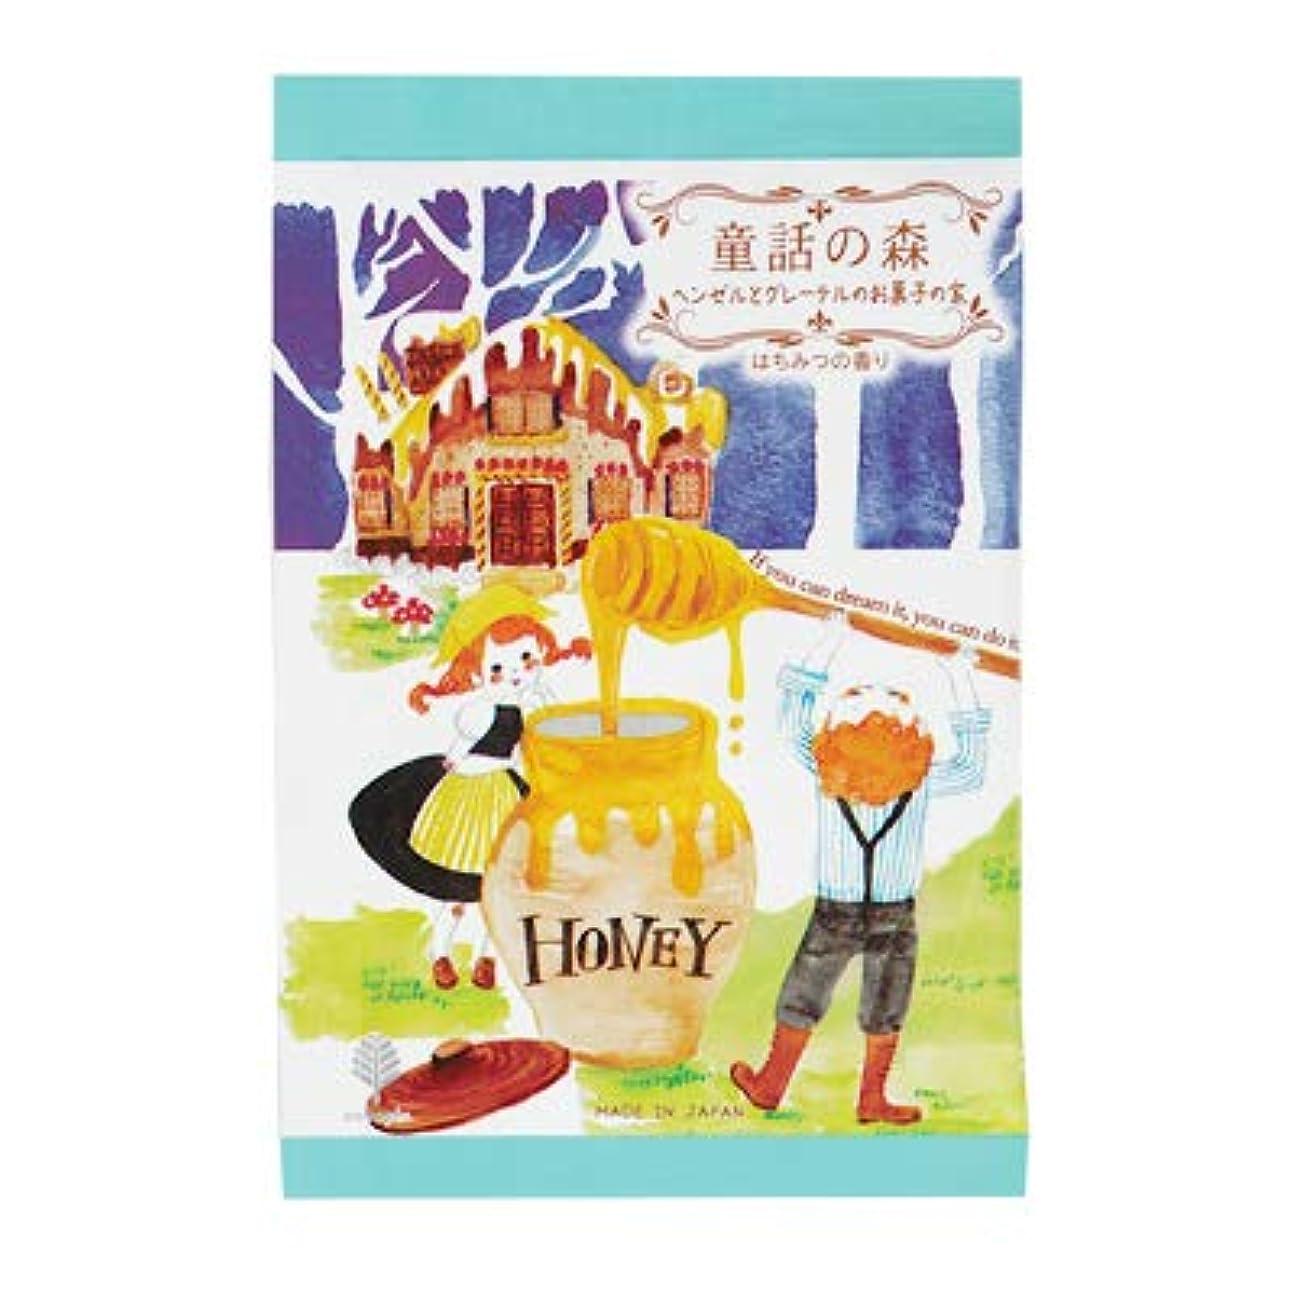 レンダリング論争不名誉【まとめ買い3個セット】 童話の森 ヘンゼルとグレーテルのお菓子の家